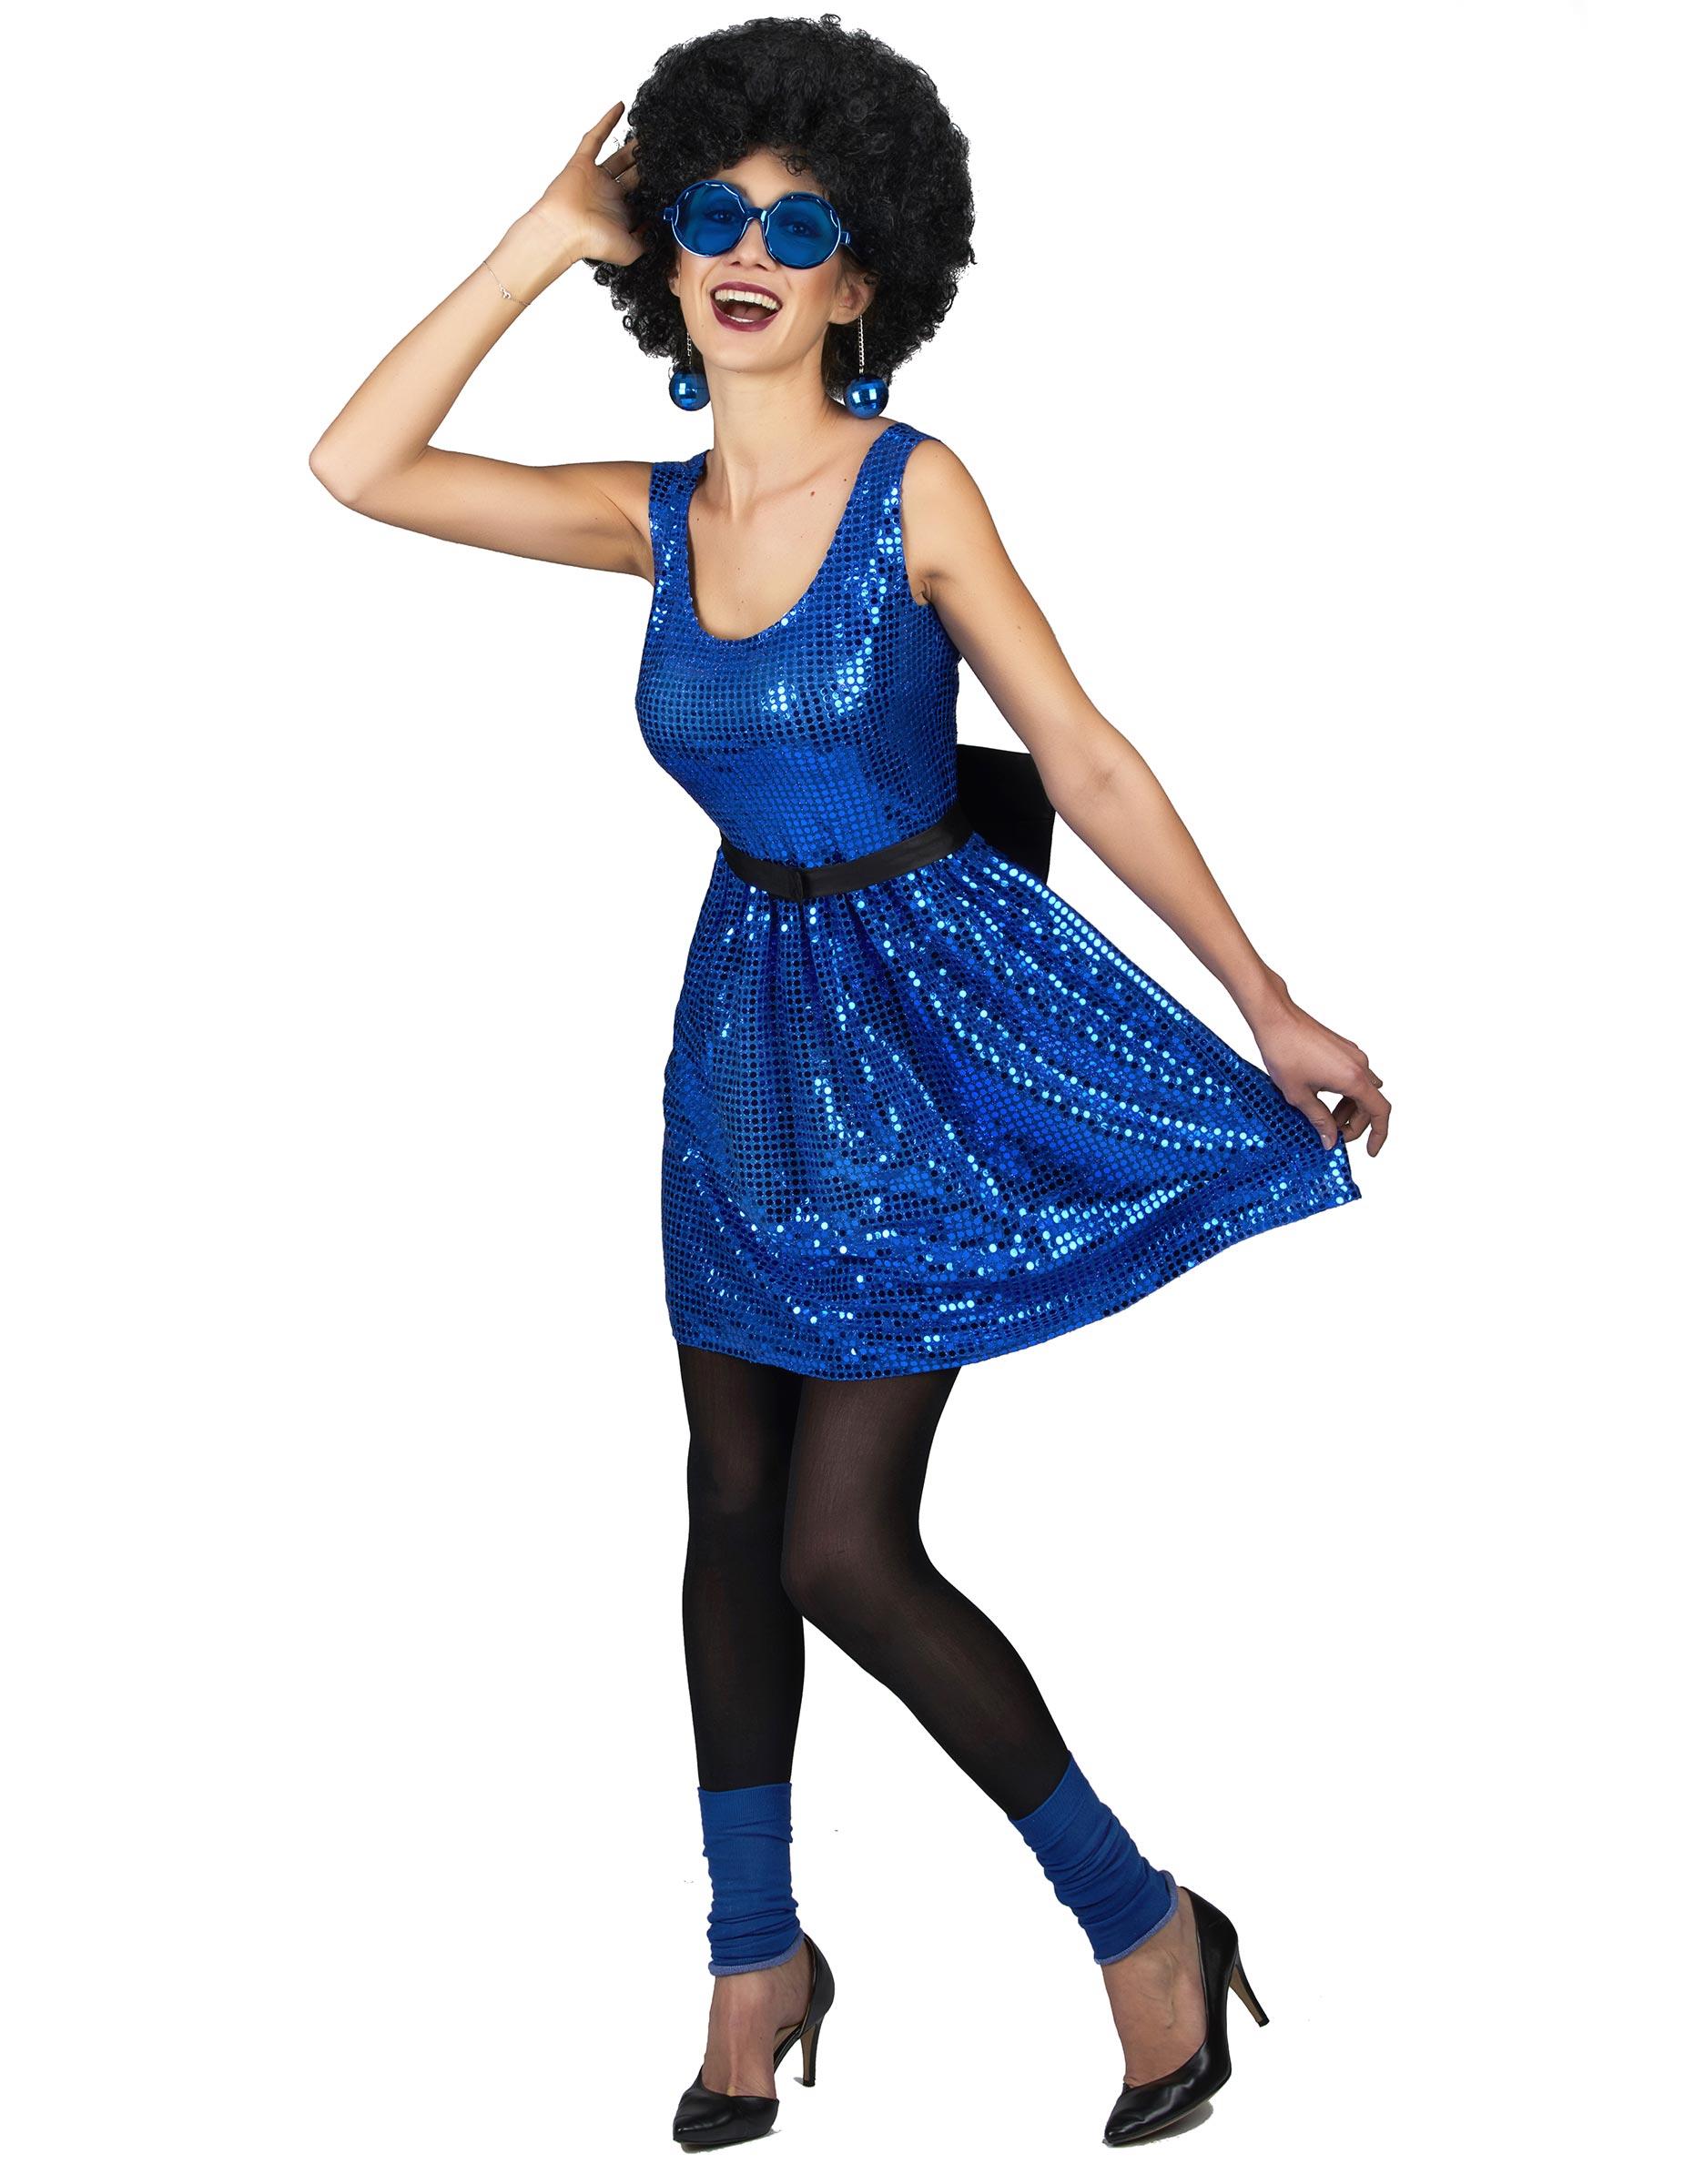 disfraz vestido disco azul lentejuelas y lazo mujer disfraces adultos y disfraces originales. Black Bedroom Furniture Sets. Home Design Ideas